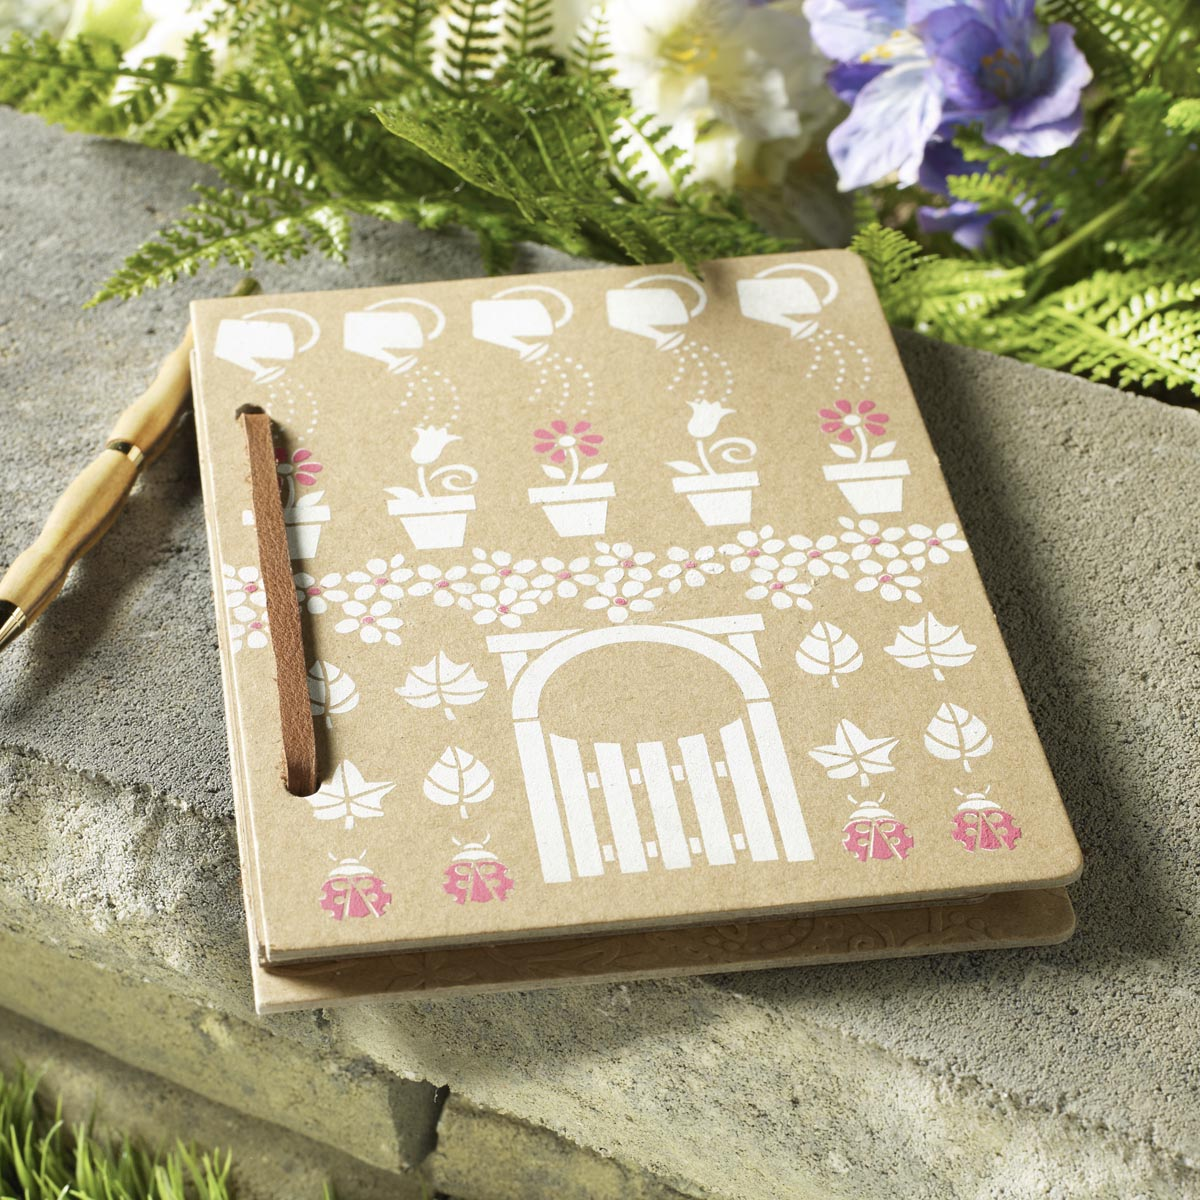 FolkArt ® Painting Stencils - Mini - Flower Pots